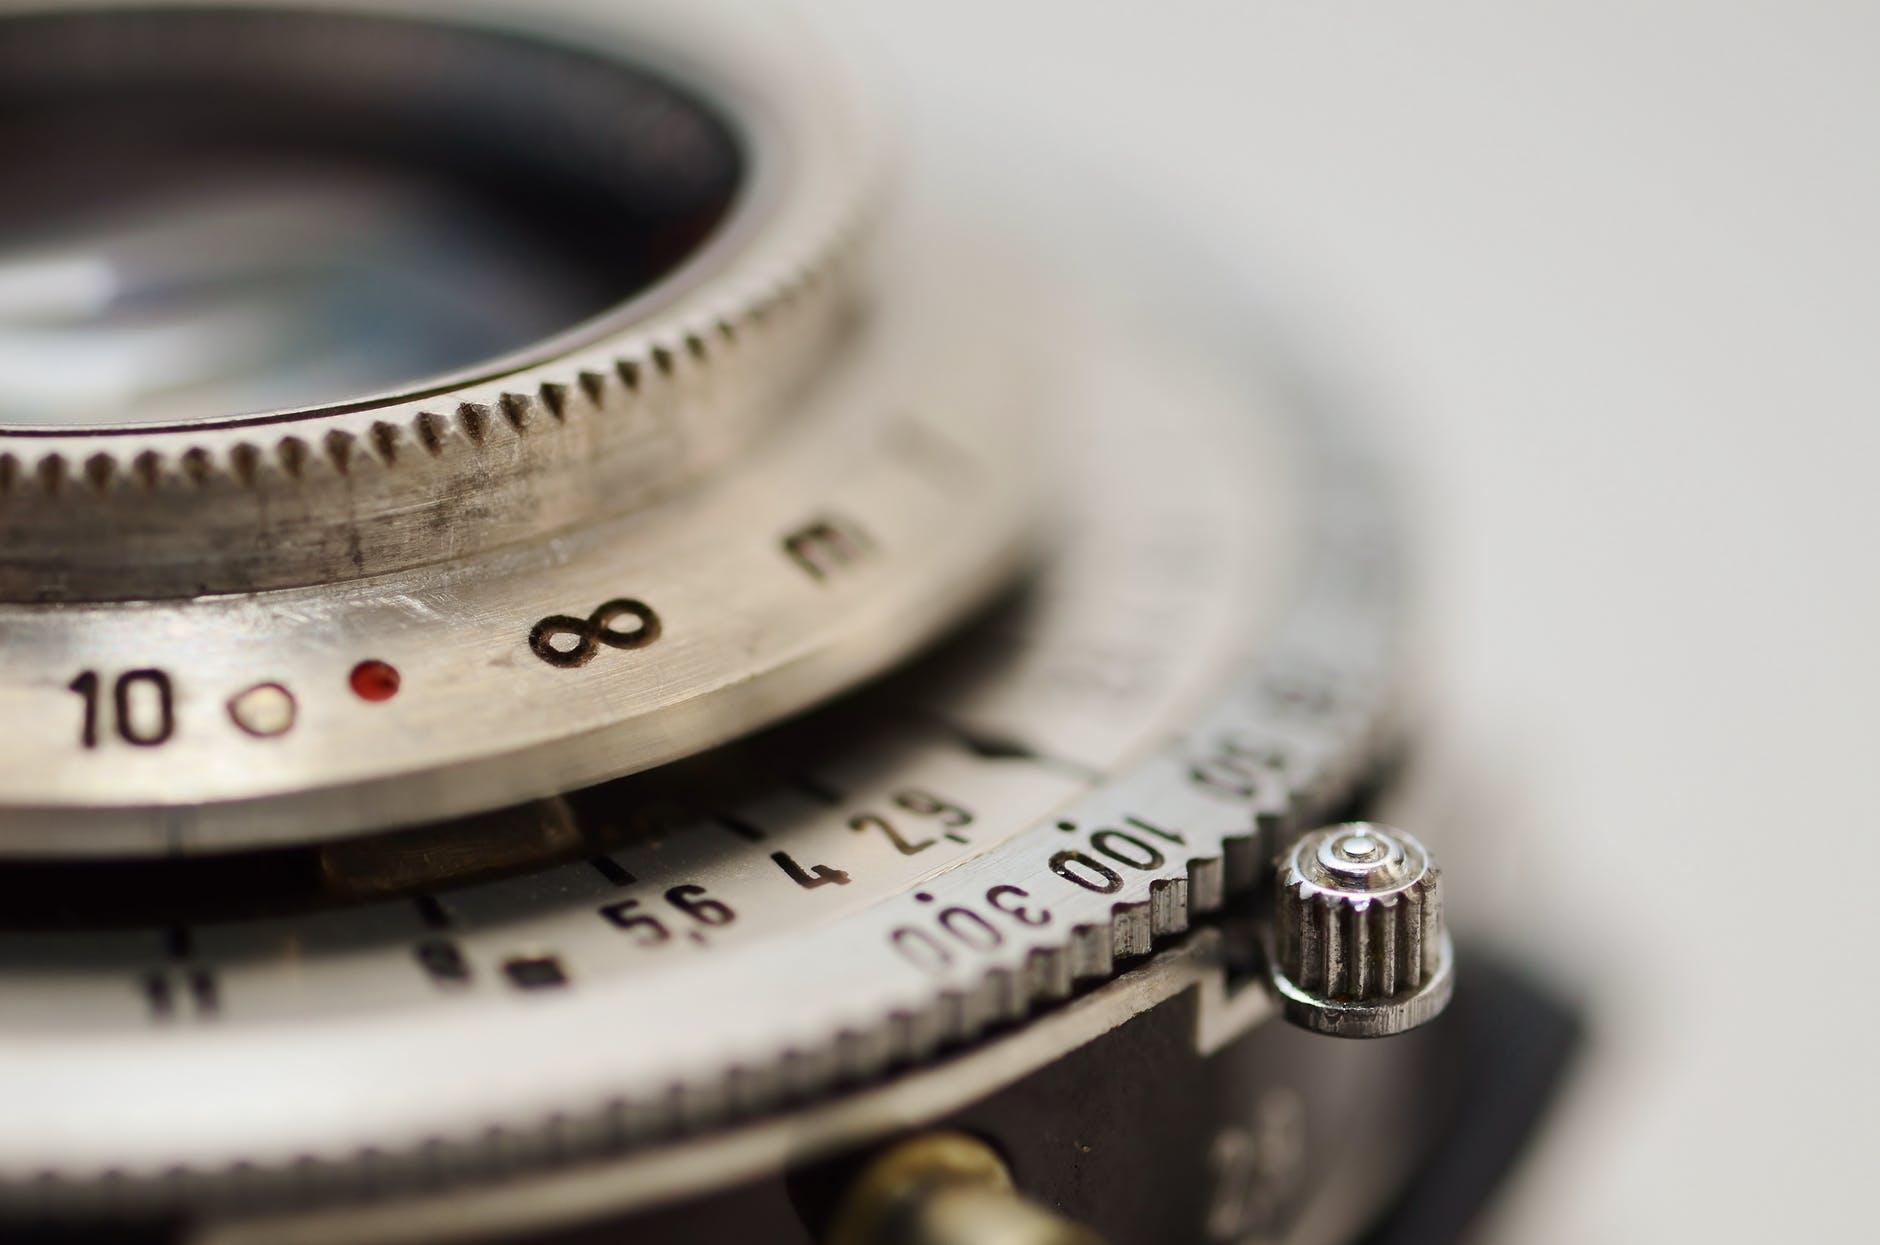 camera vintage lens old